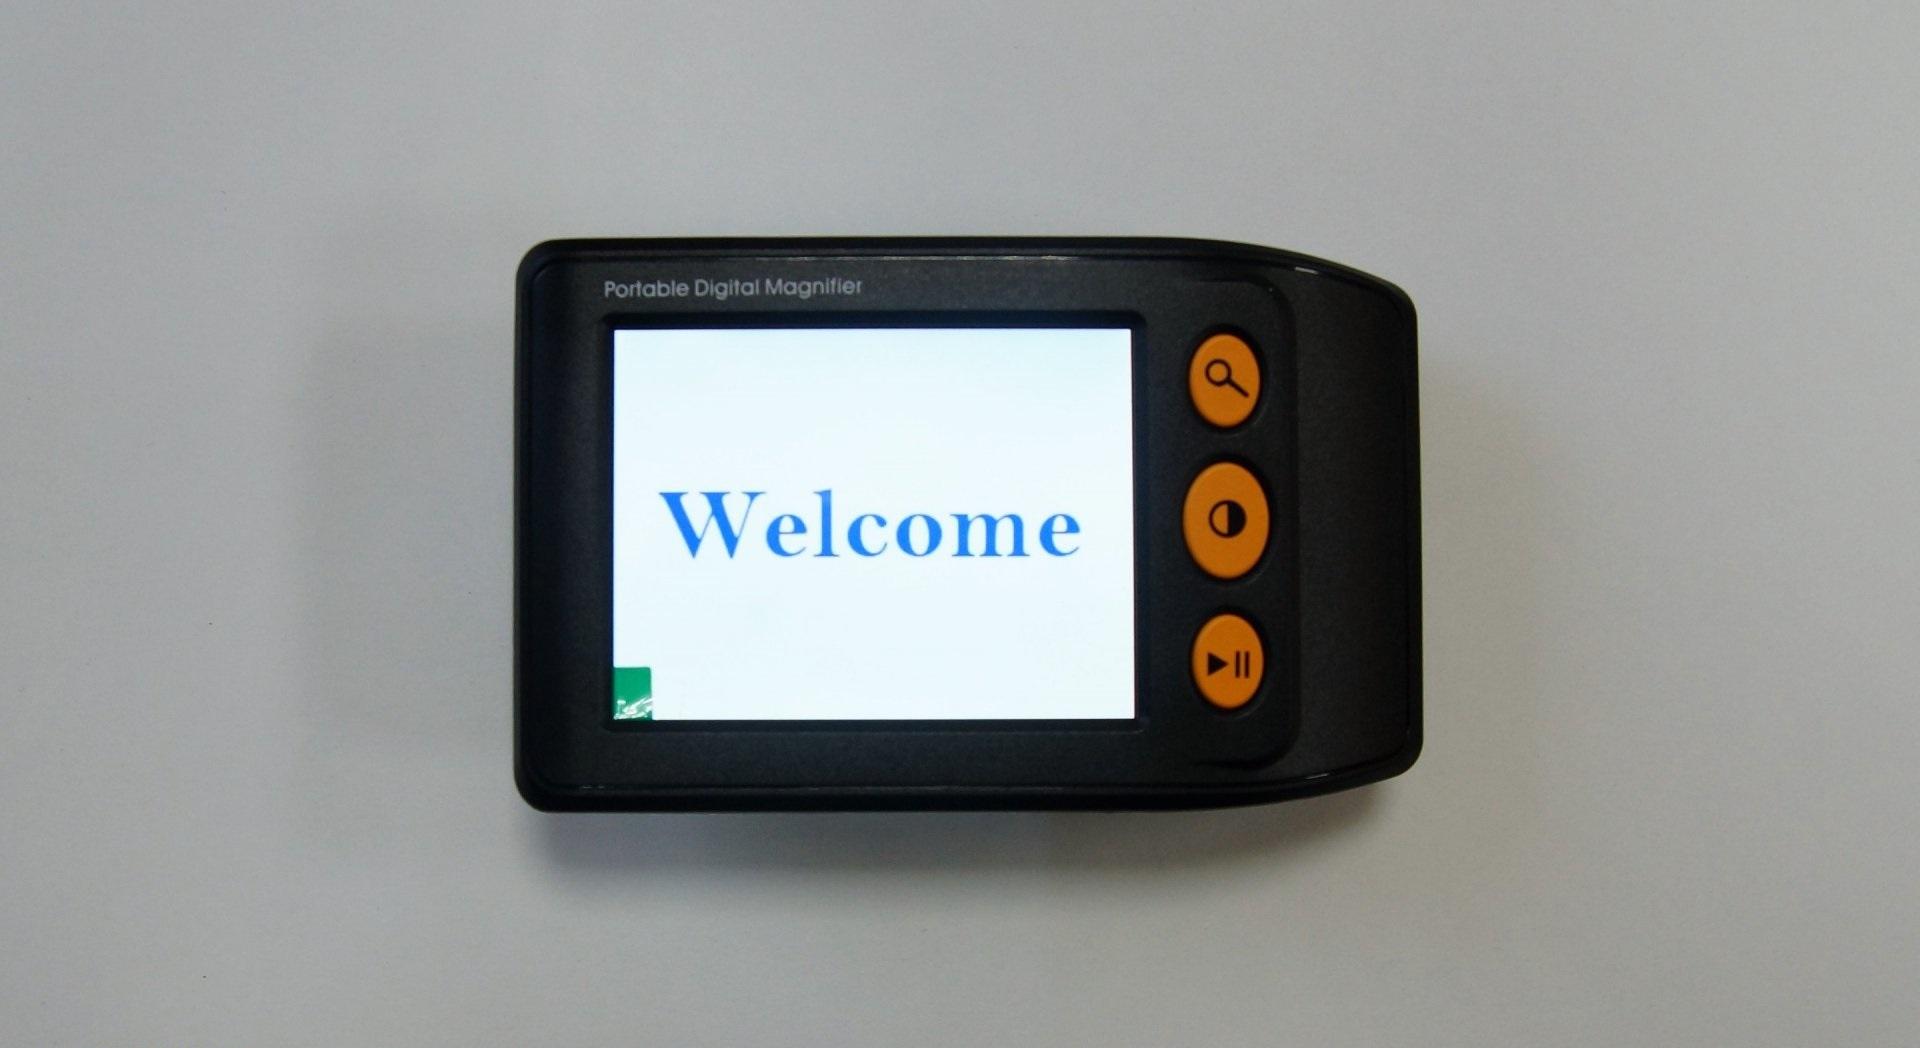 Аппаратно-программный комплекс для слабовидящих людей на базе моноблока